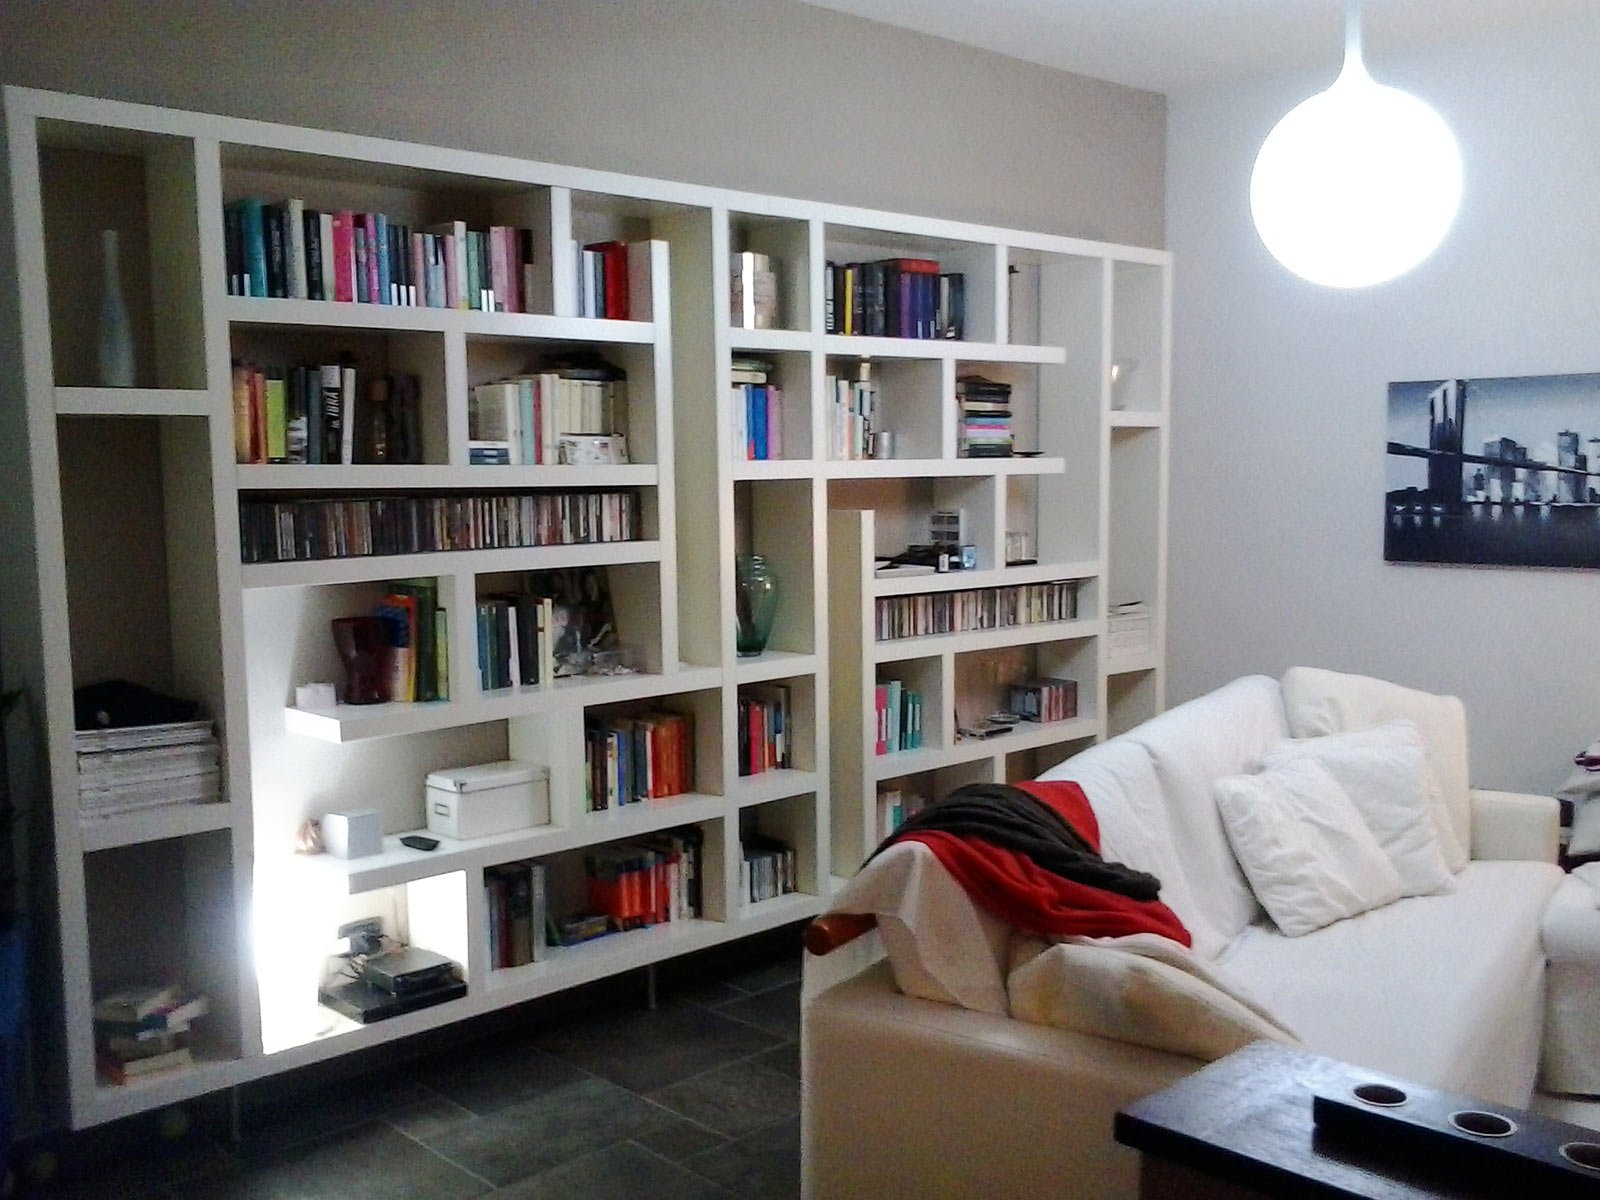 Una maxi libreria fatta di mensole orizzontali e verticali cose di casa - Librerie componibili ikea ...